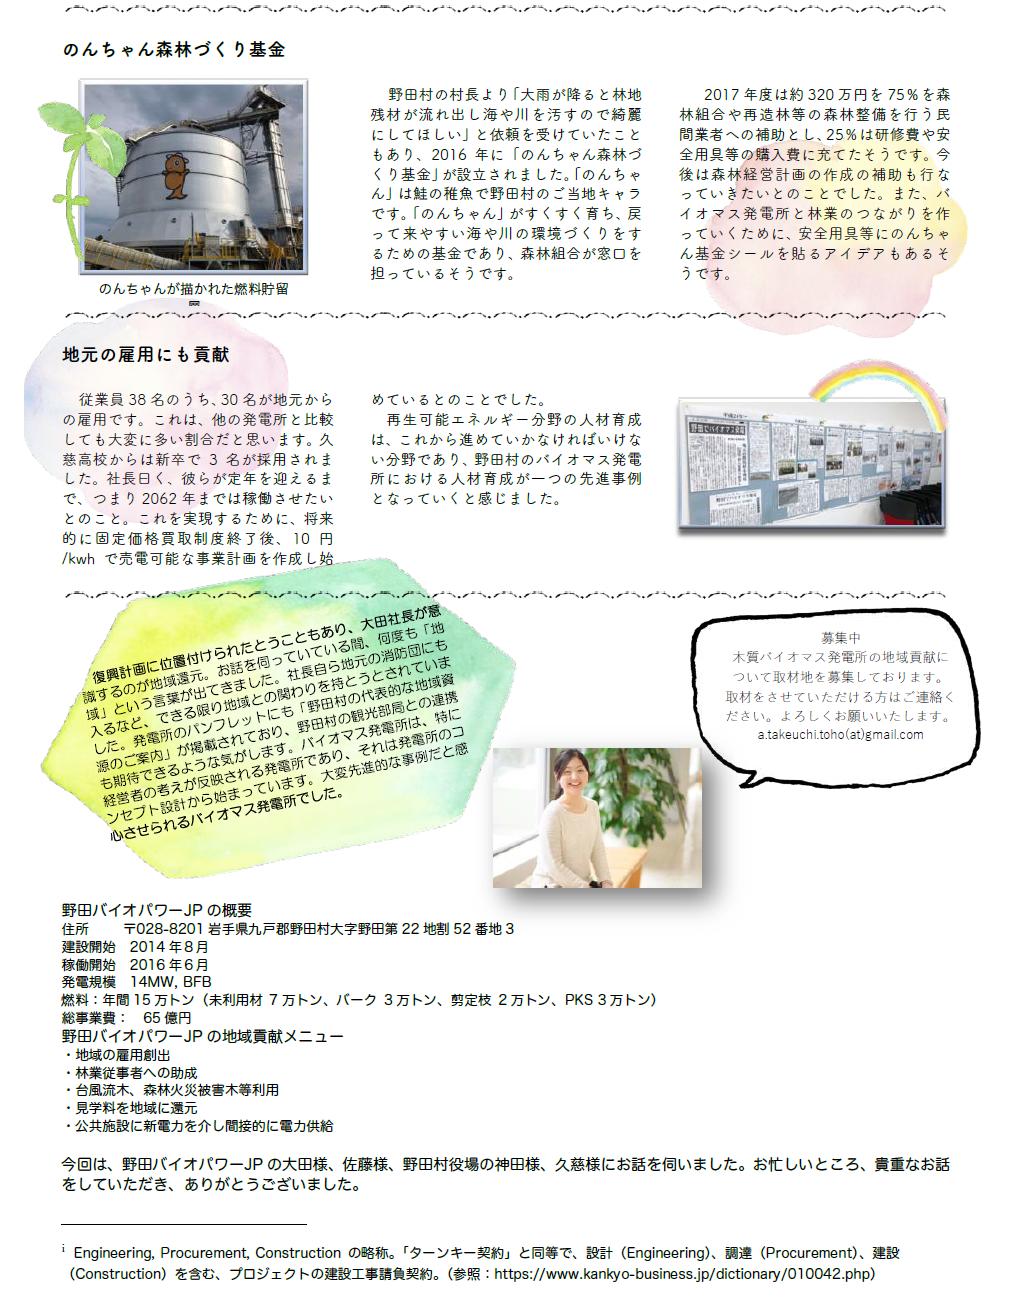 バイオマス女子 in 野田村 p2